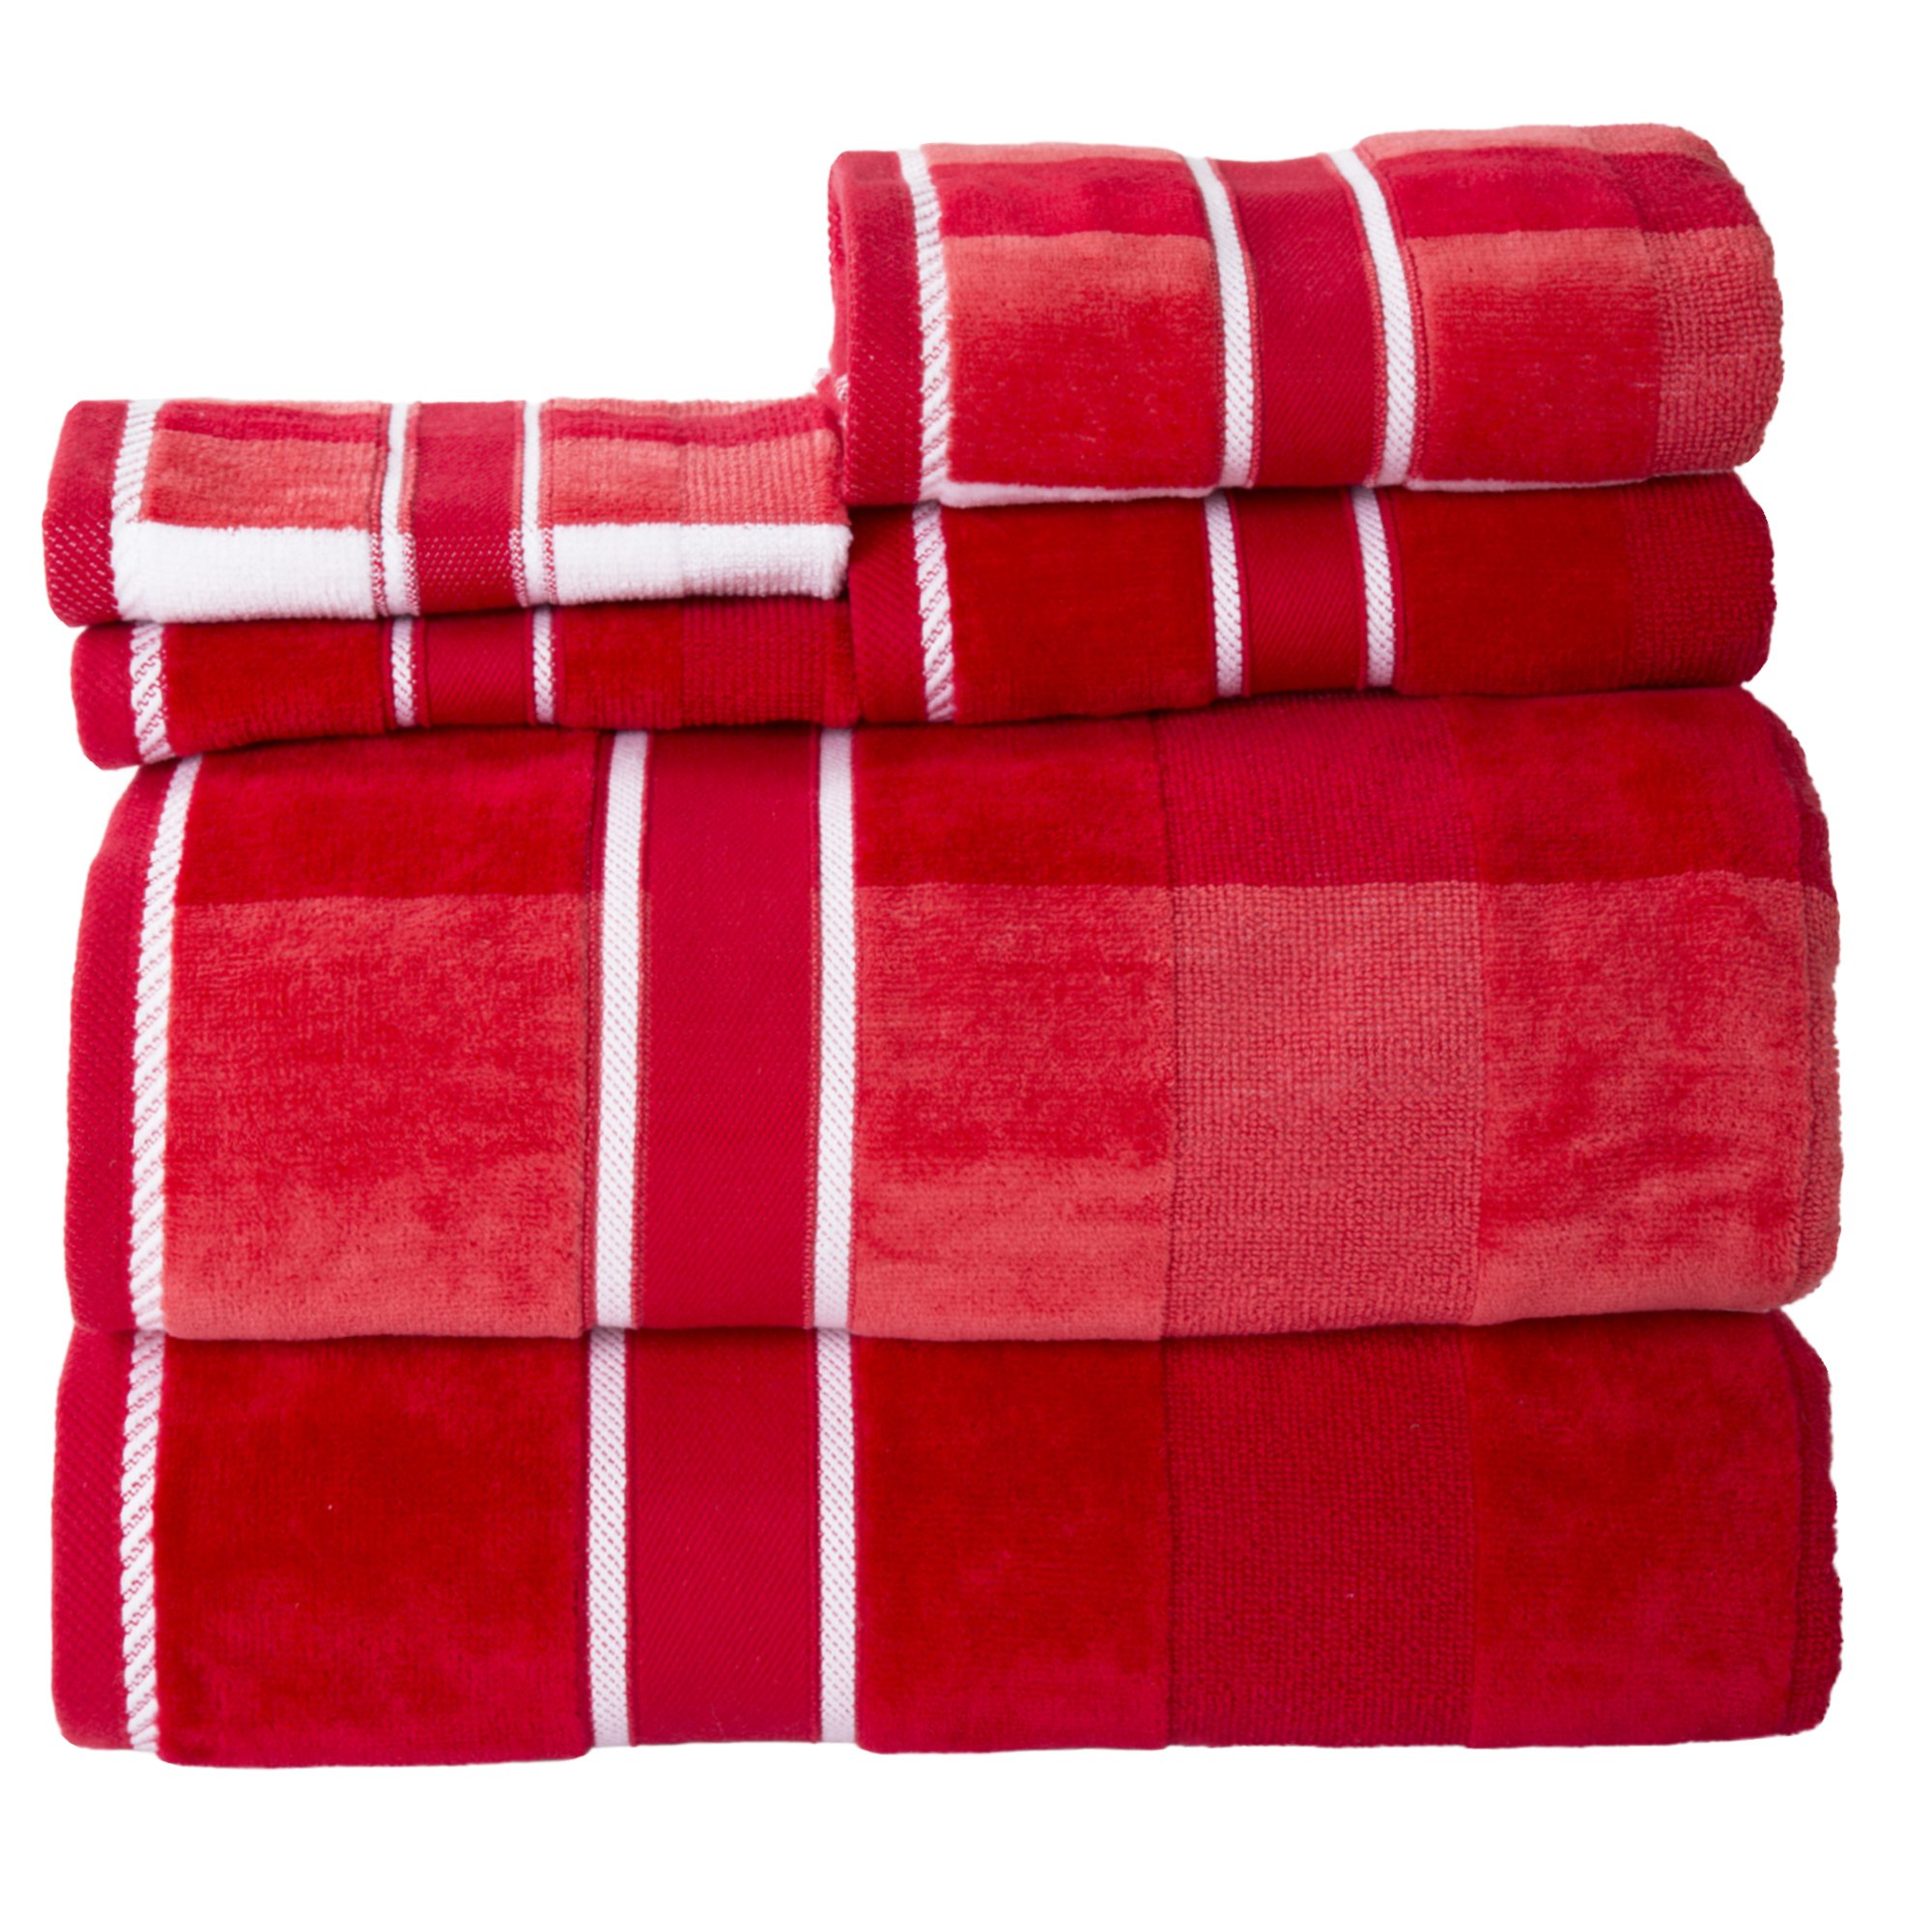 Lavish Home 100% Cotton Oakville Velour 6 Piece Towel Set-Red